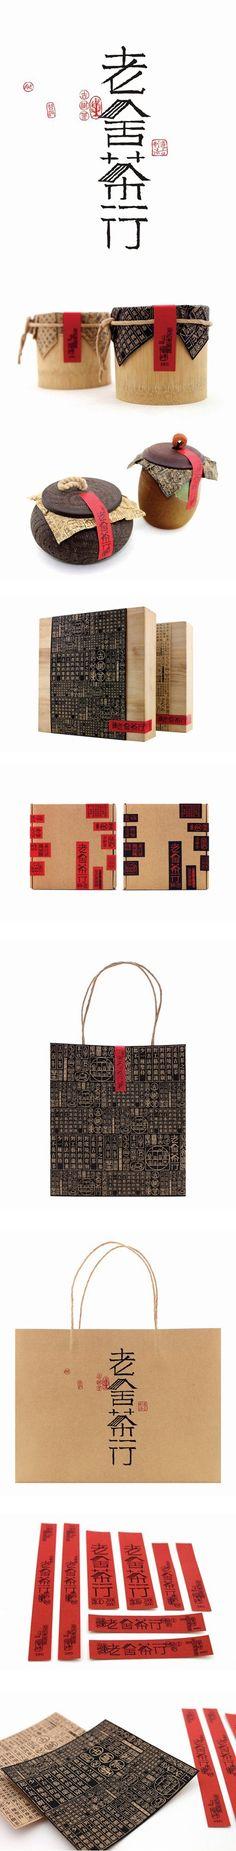 Asian inspired shopping #packaging #branding PD